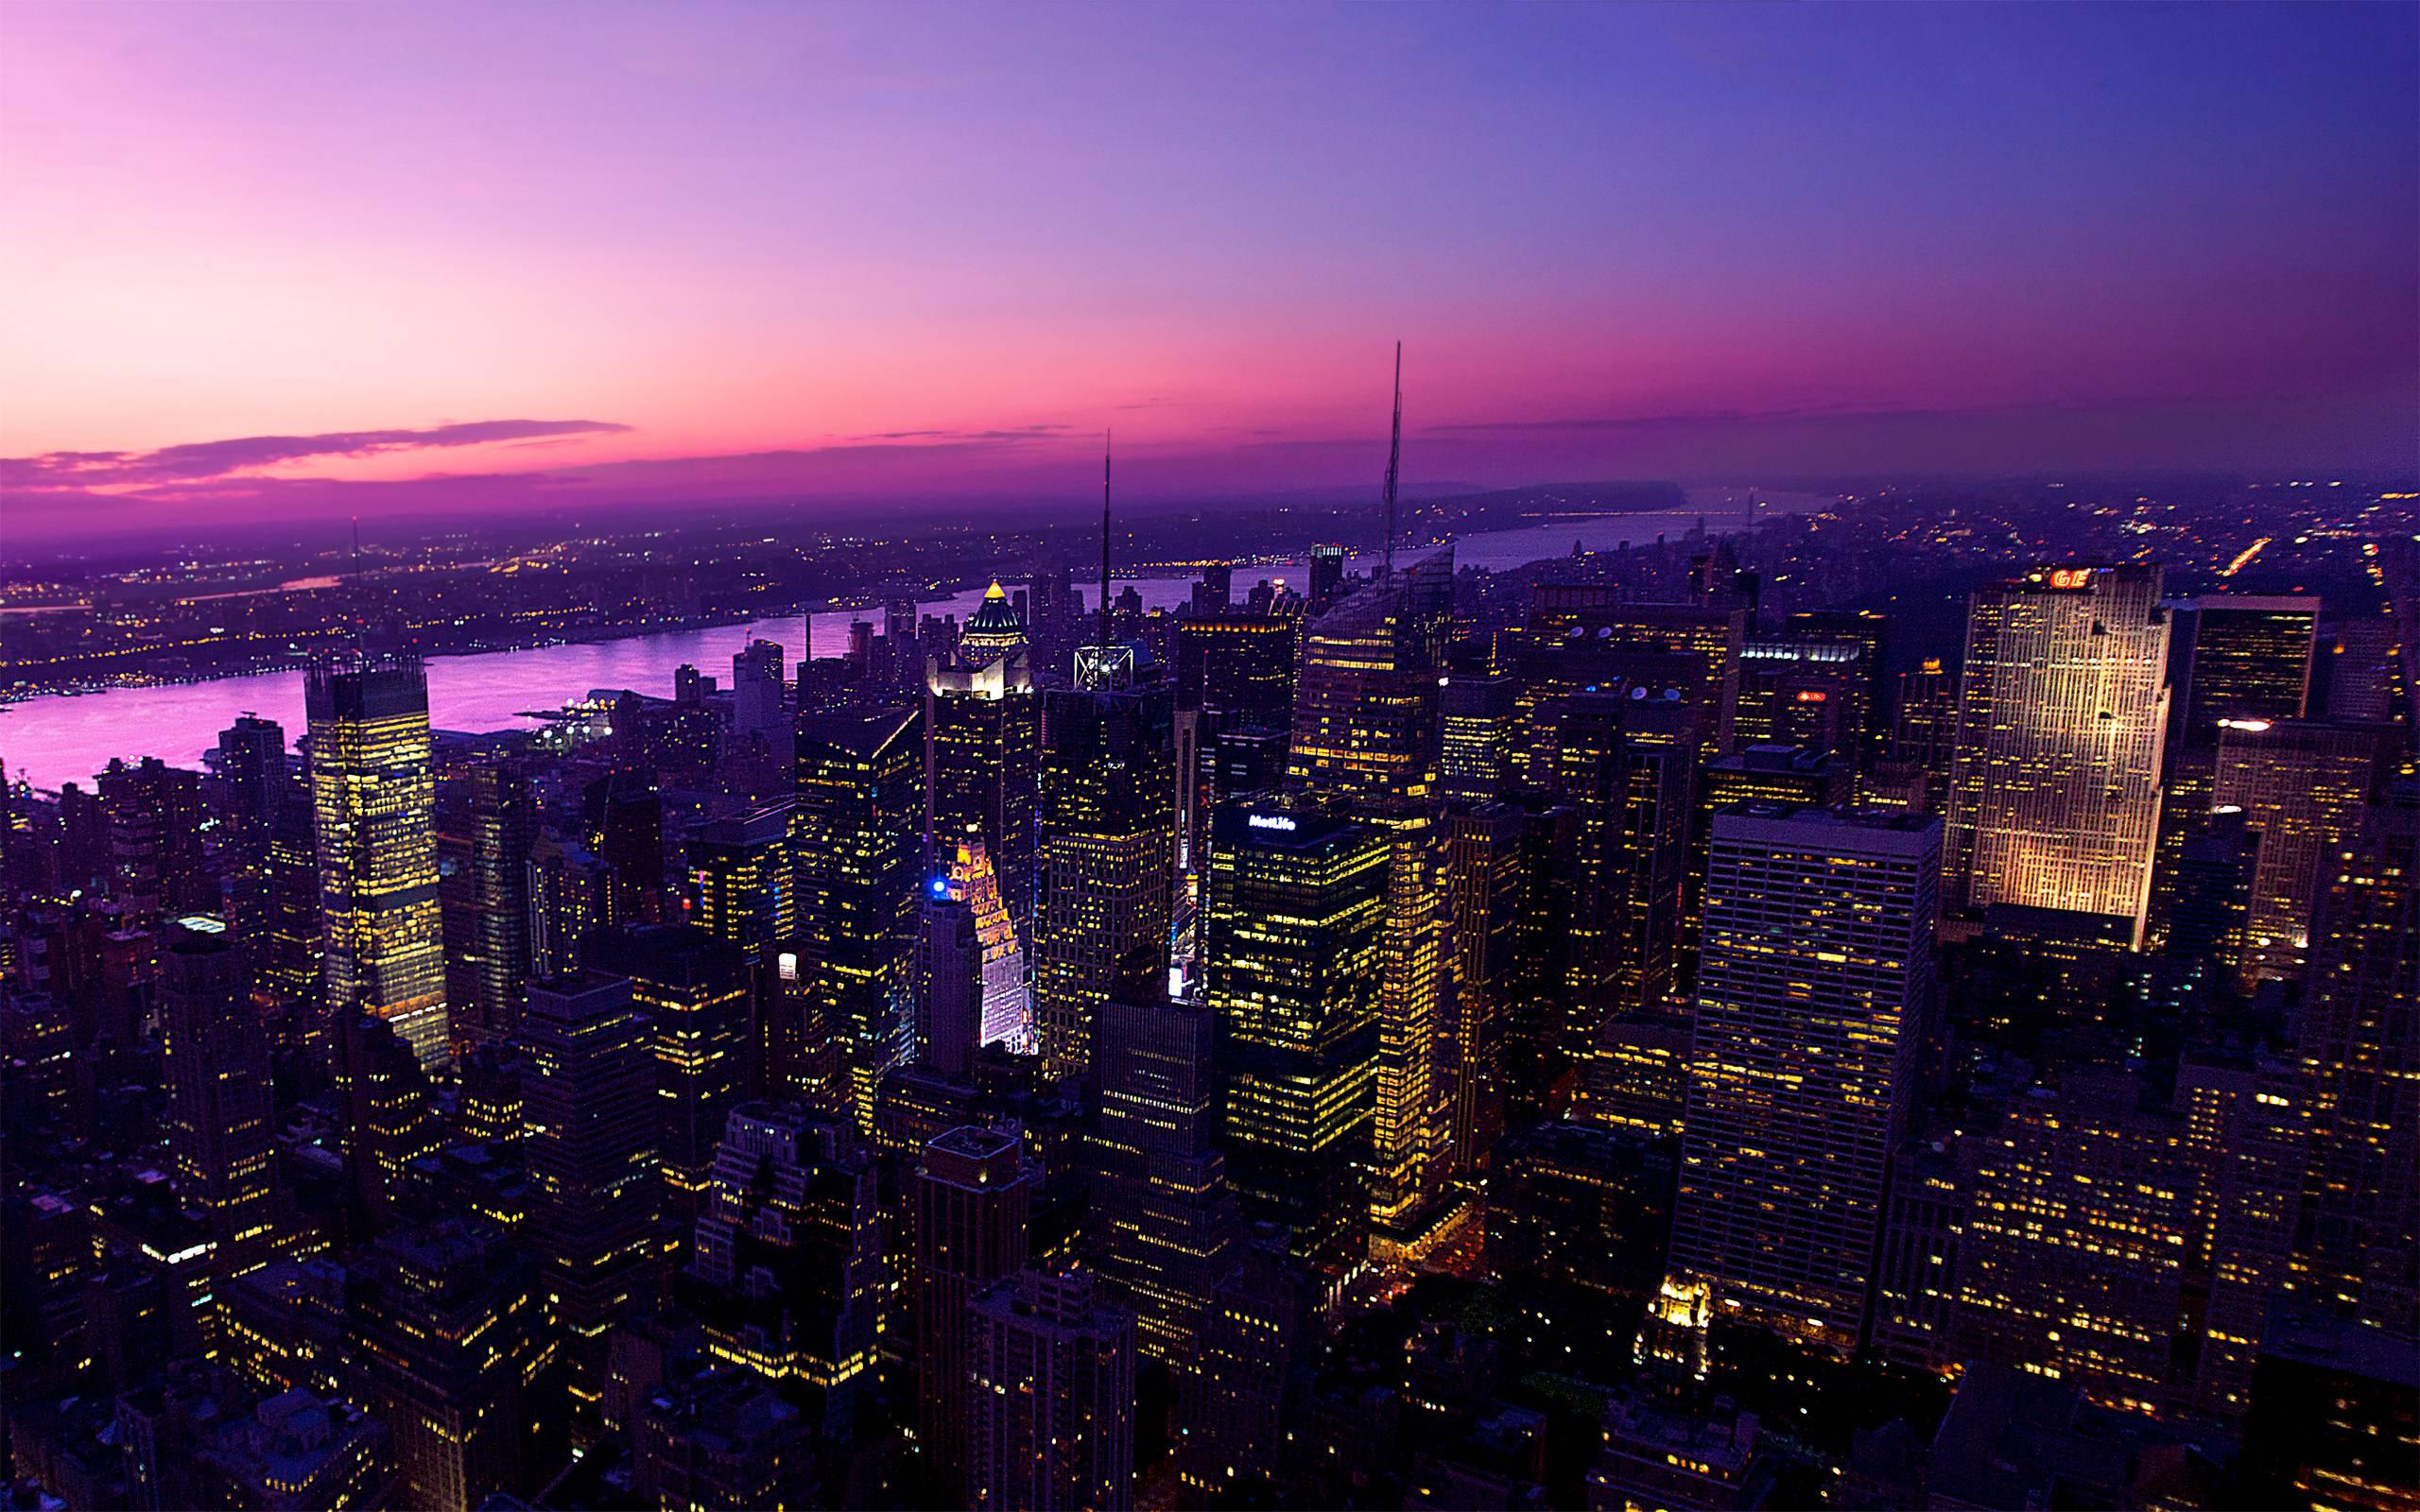 City Desktop Wallpapers Top Free City Desktop Backgrounds